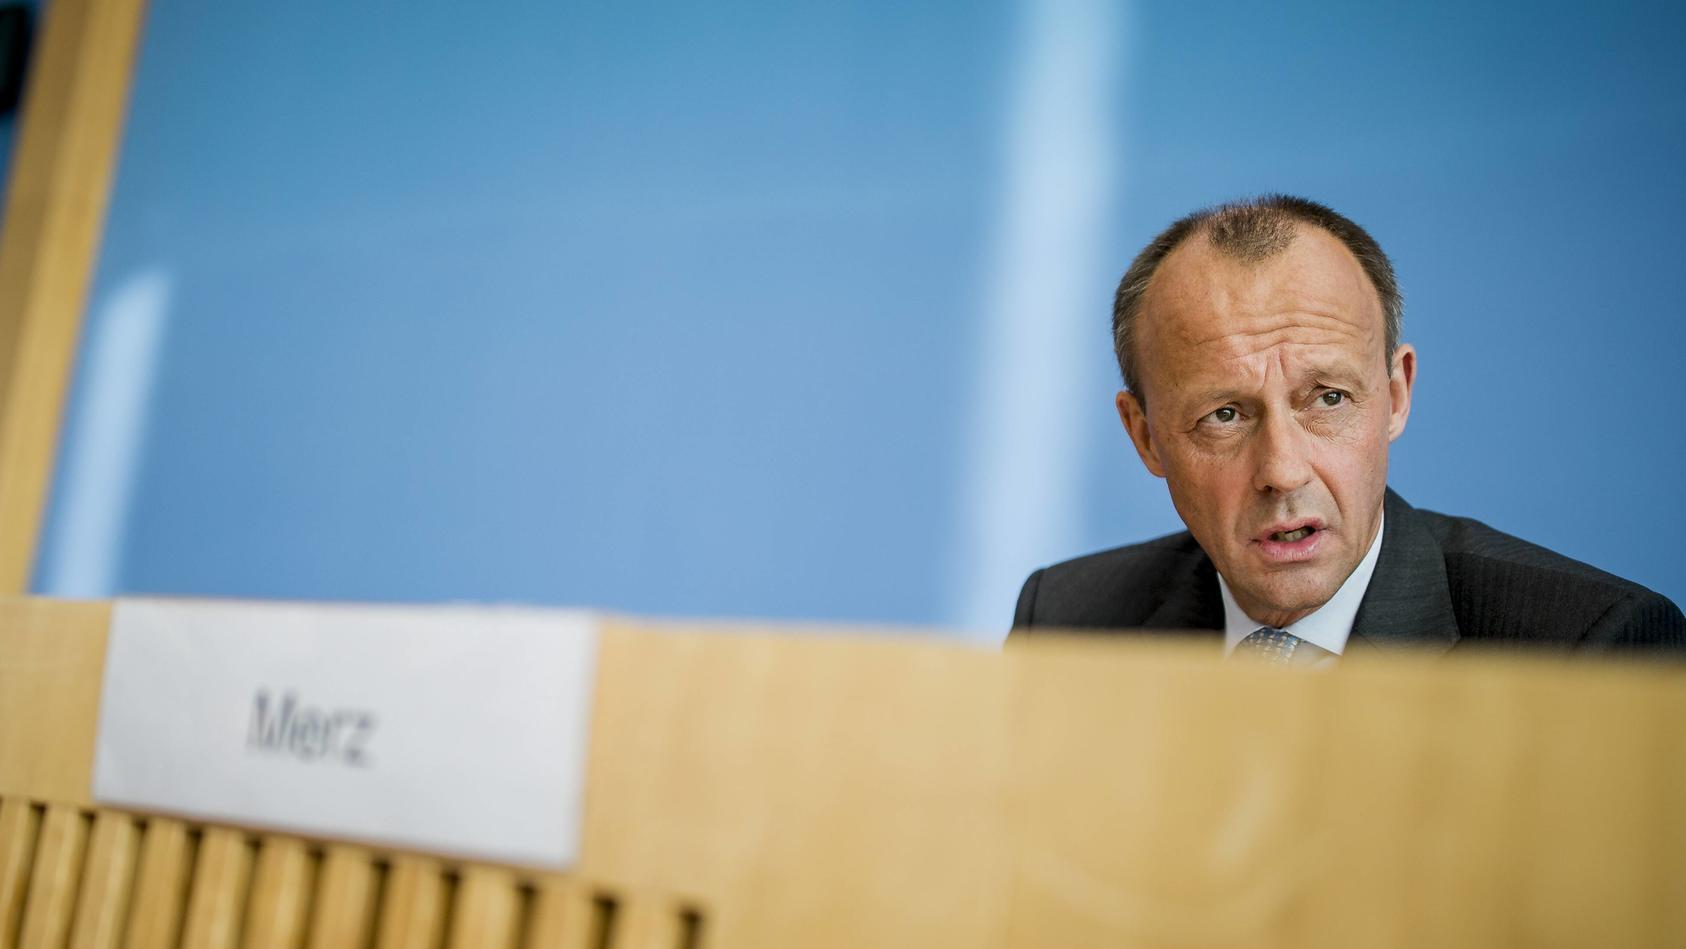 Friedrich Merz, CDU stellt sich am Mittwoch (31.10.18) in Berlin in der Bundespressekonferenz den Fragen der Journalist